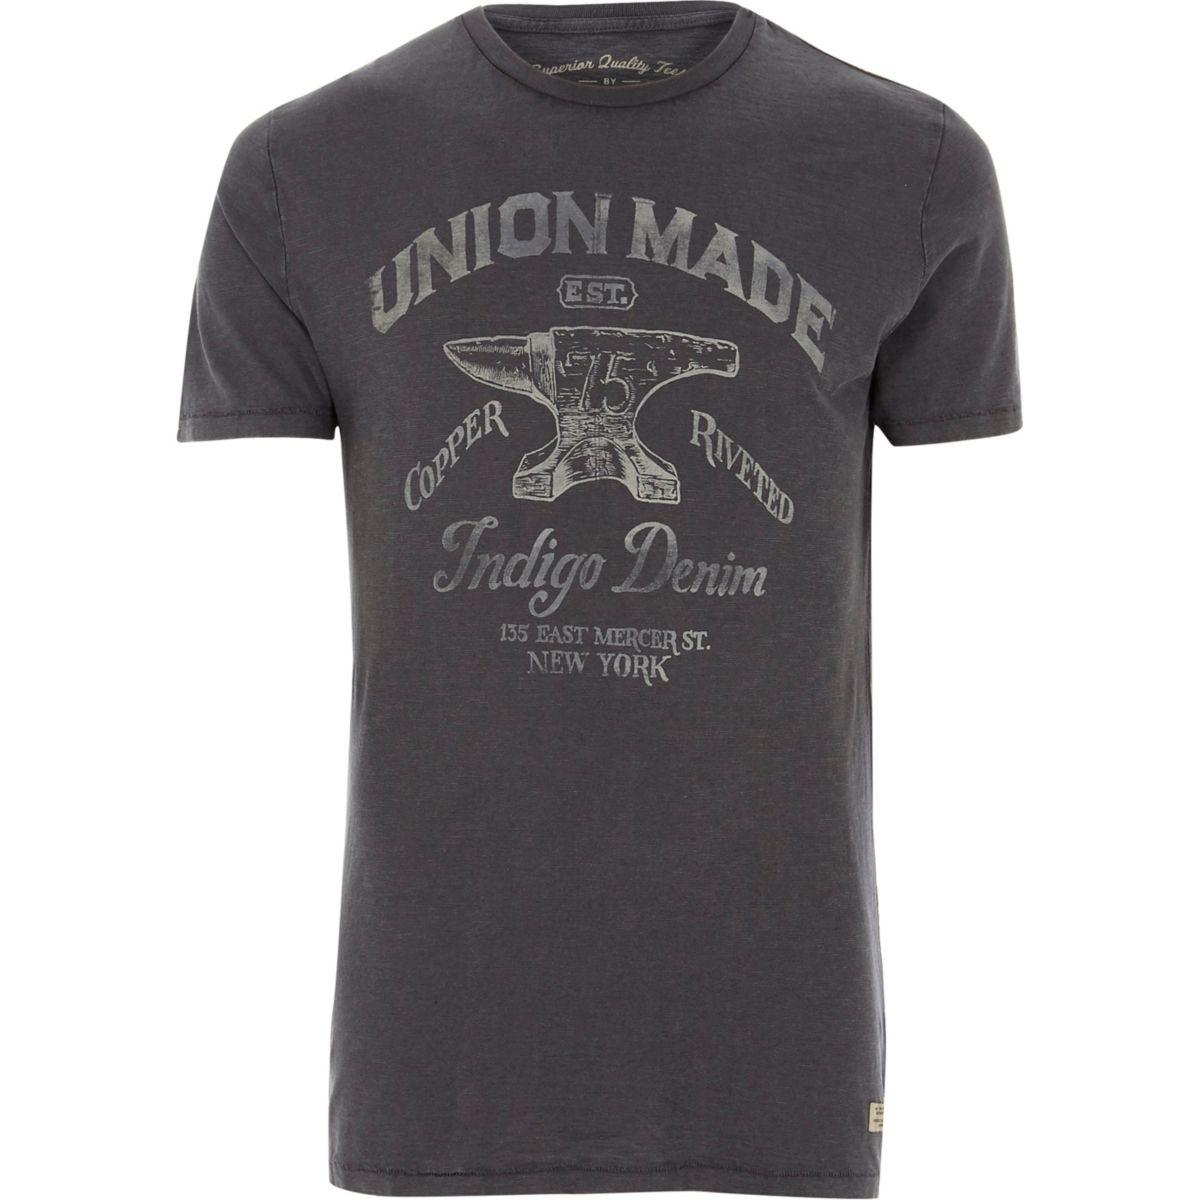 Blue Jack & Jones Vintage 'union' T-shirt